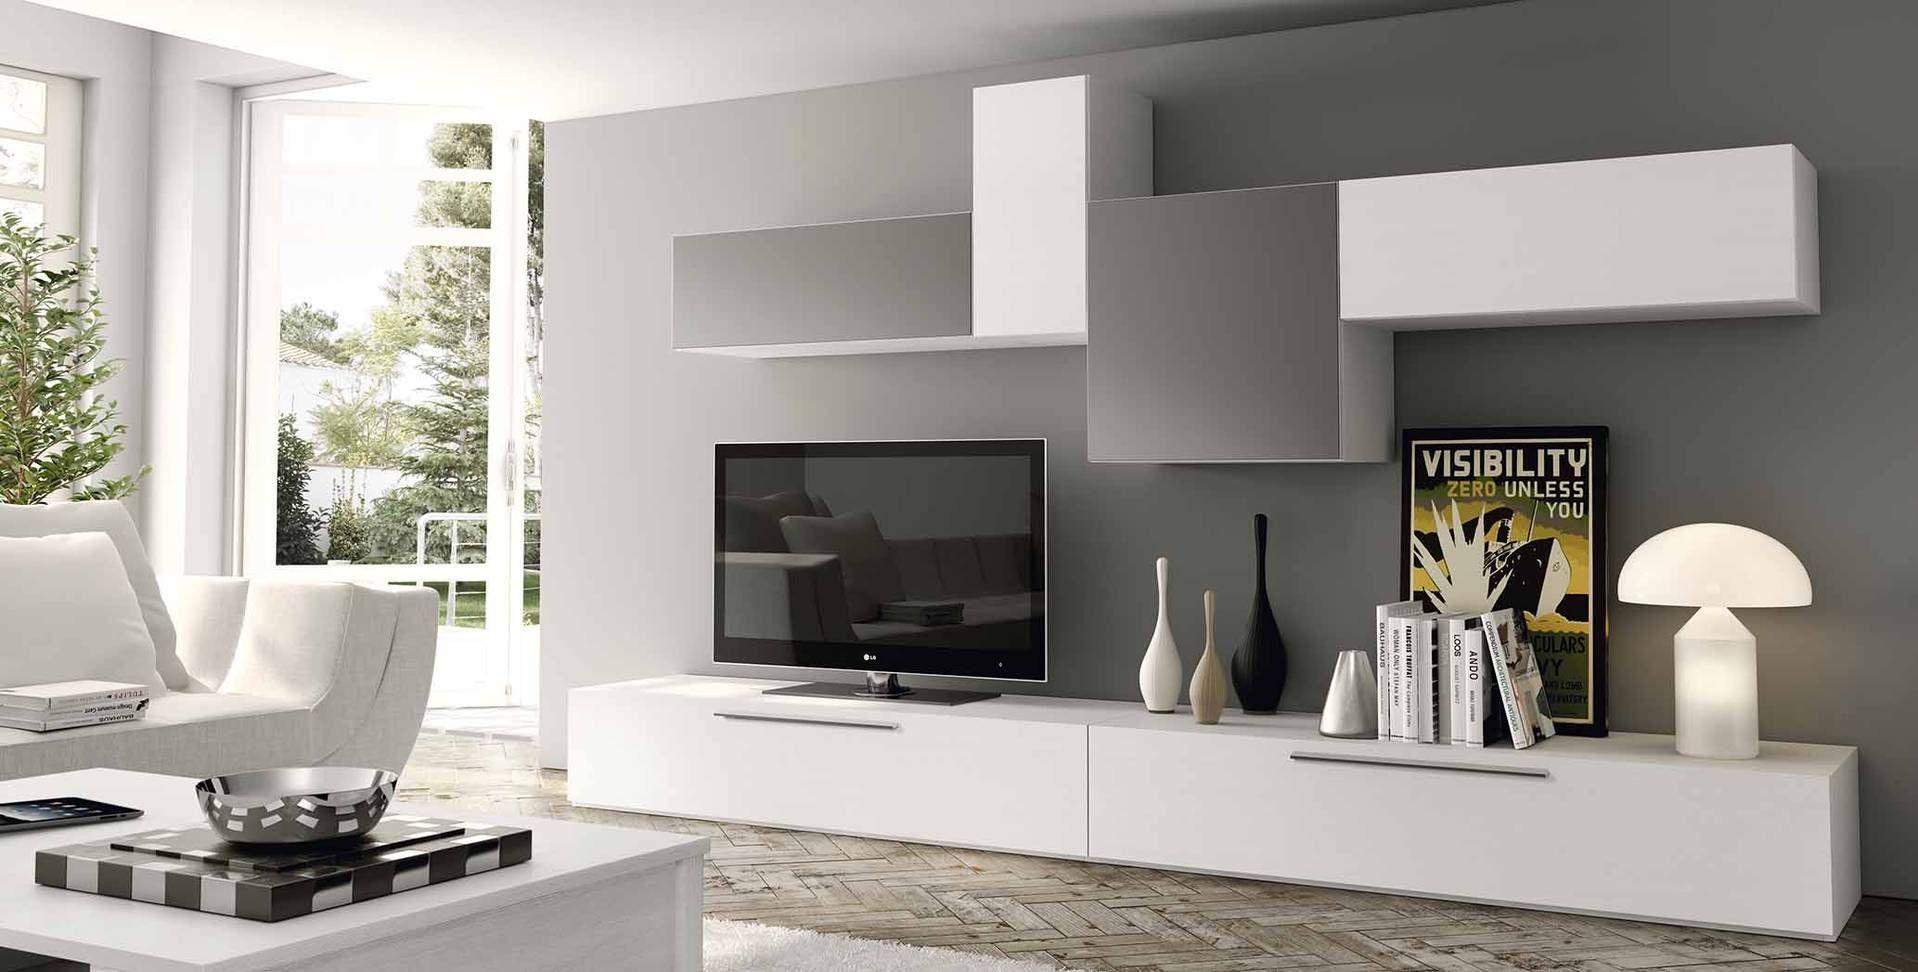 Muebles de diseño para tu televisión   Salons, Spaces and Room